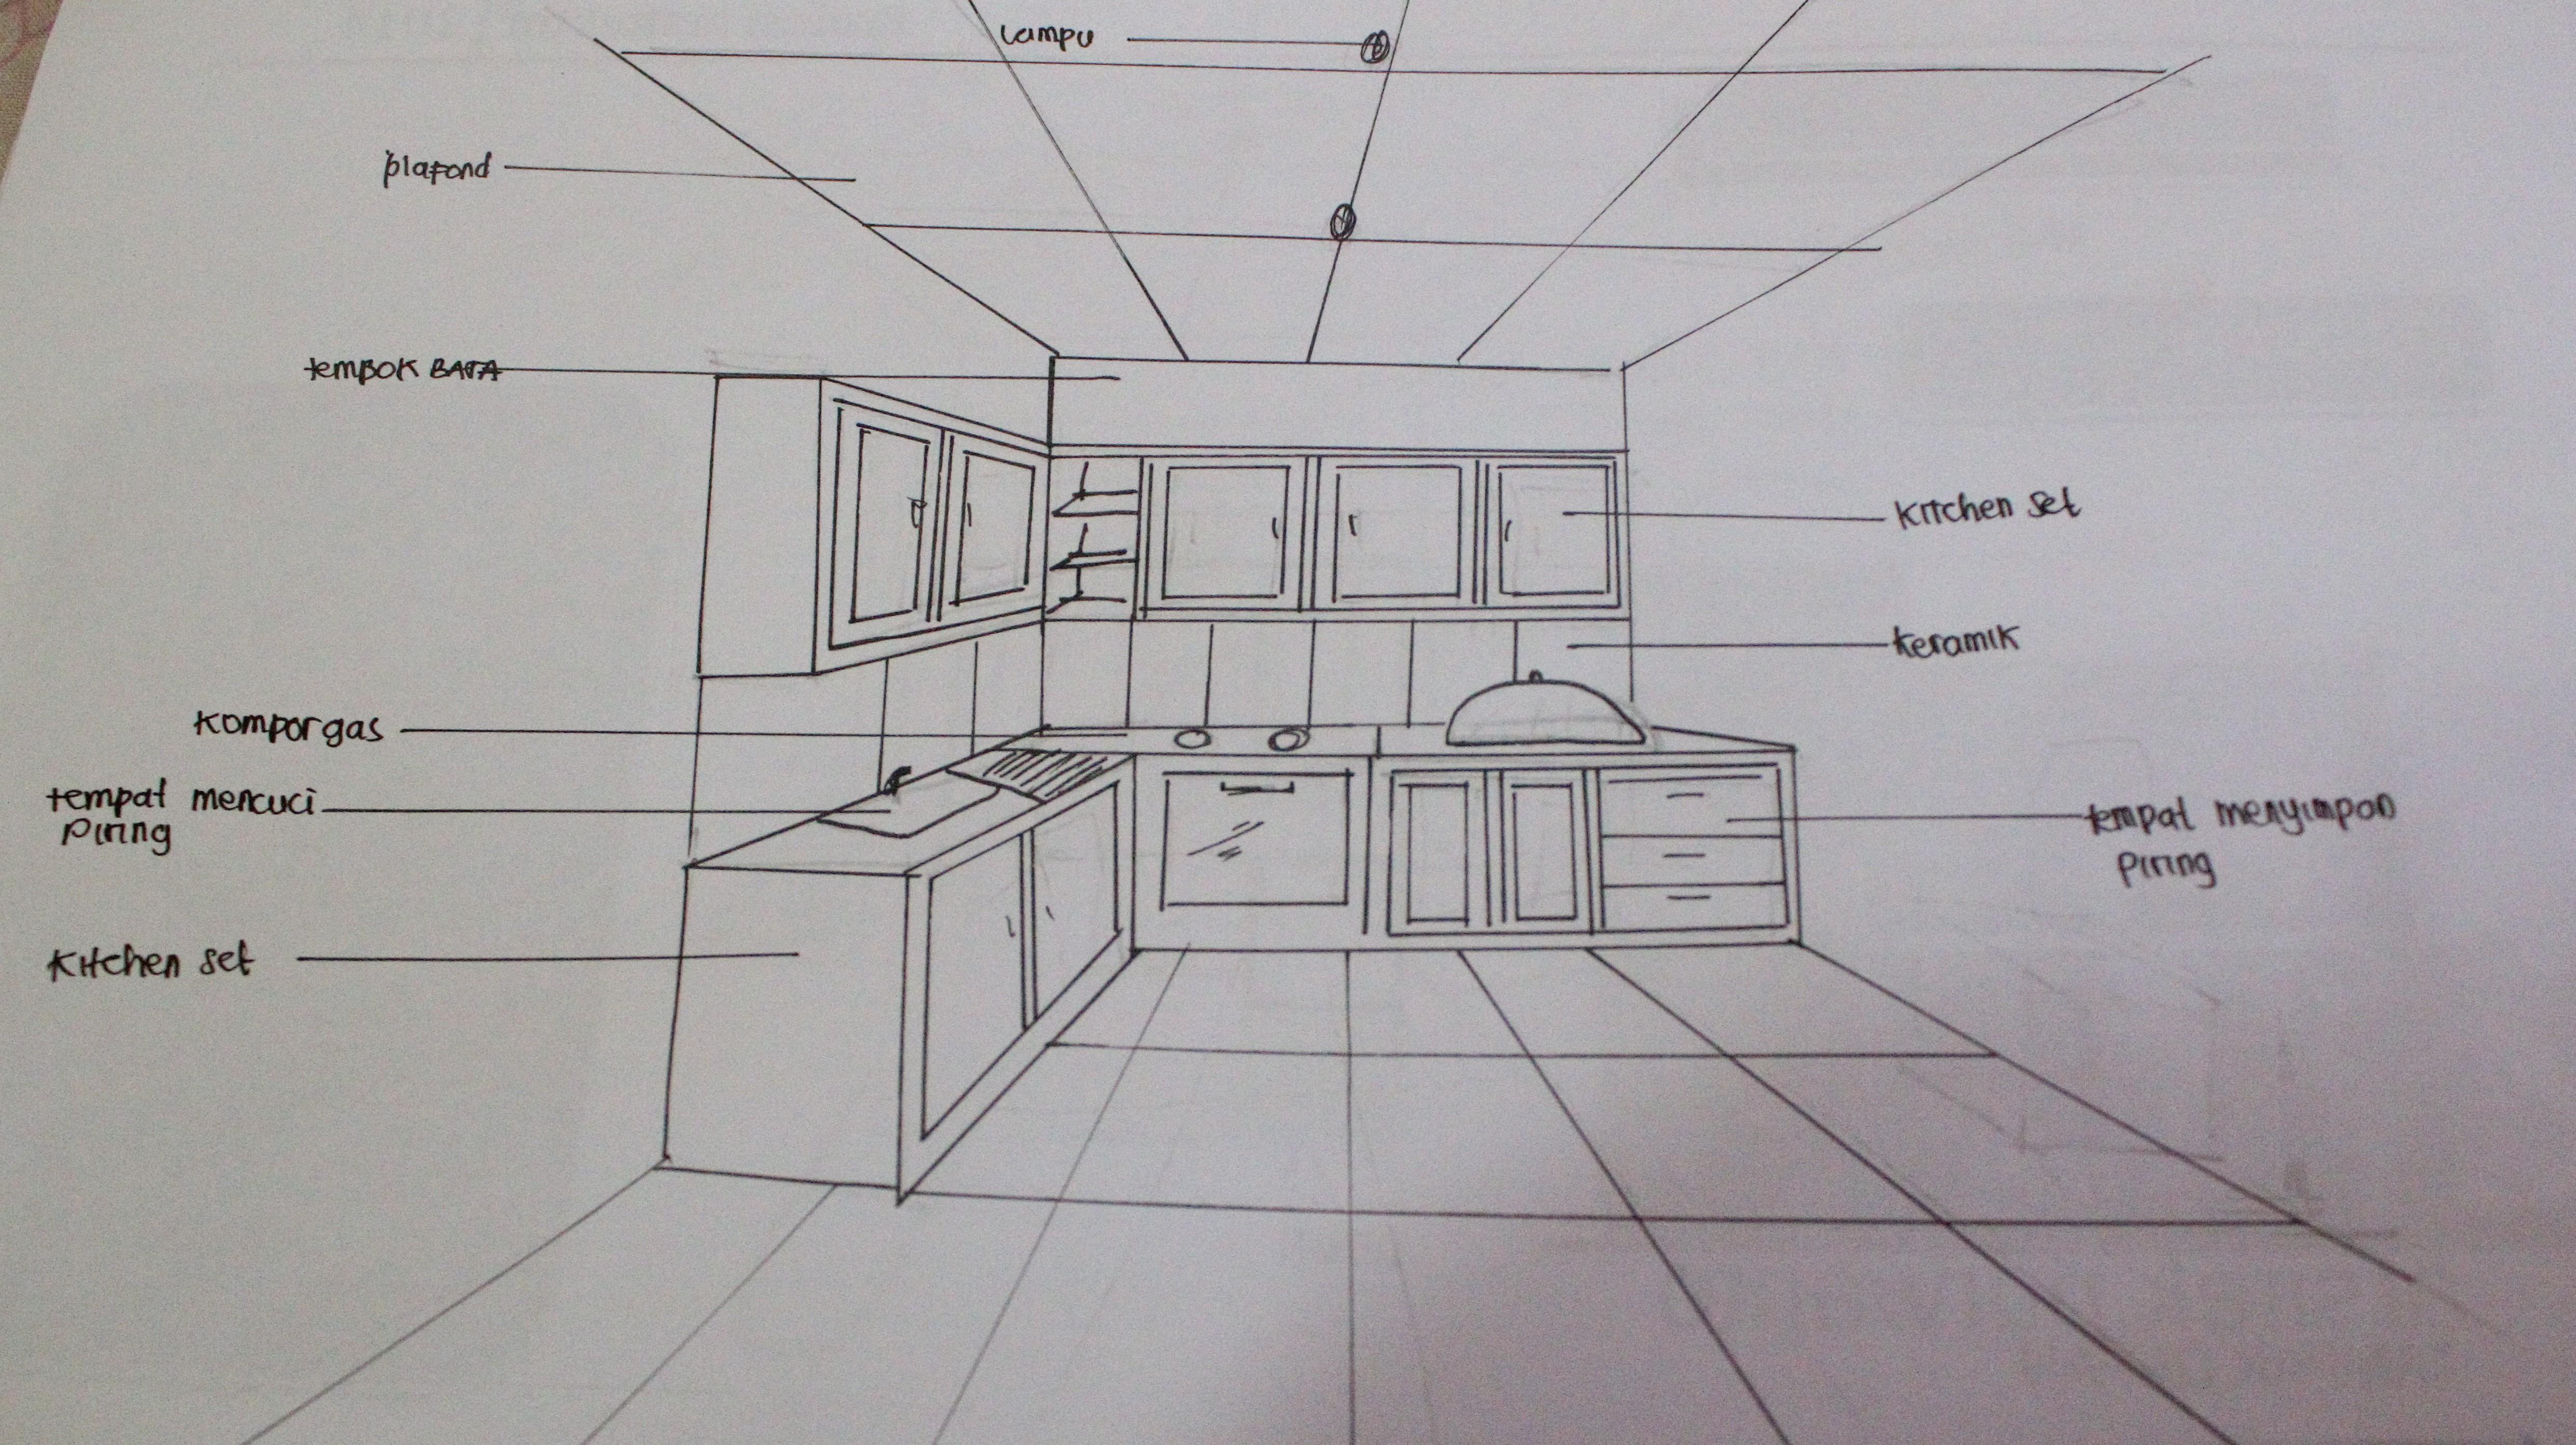 Gambar Sketsa Meja Dapur